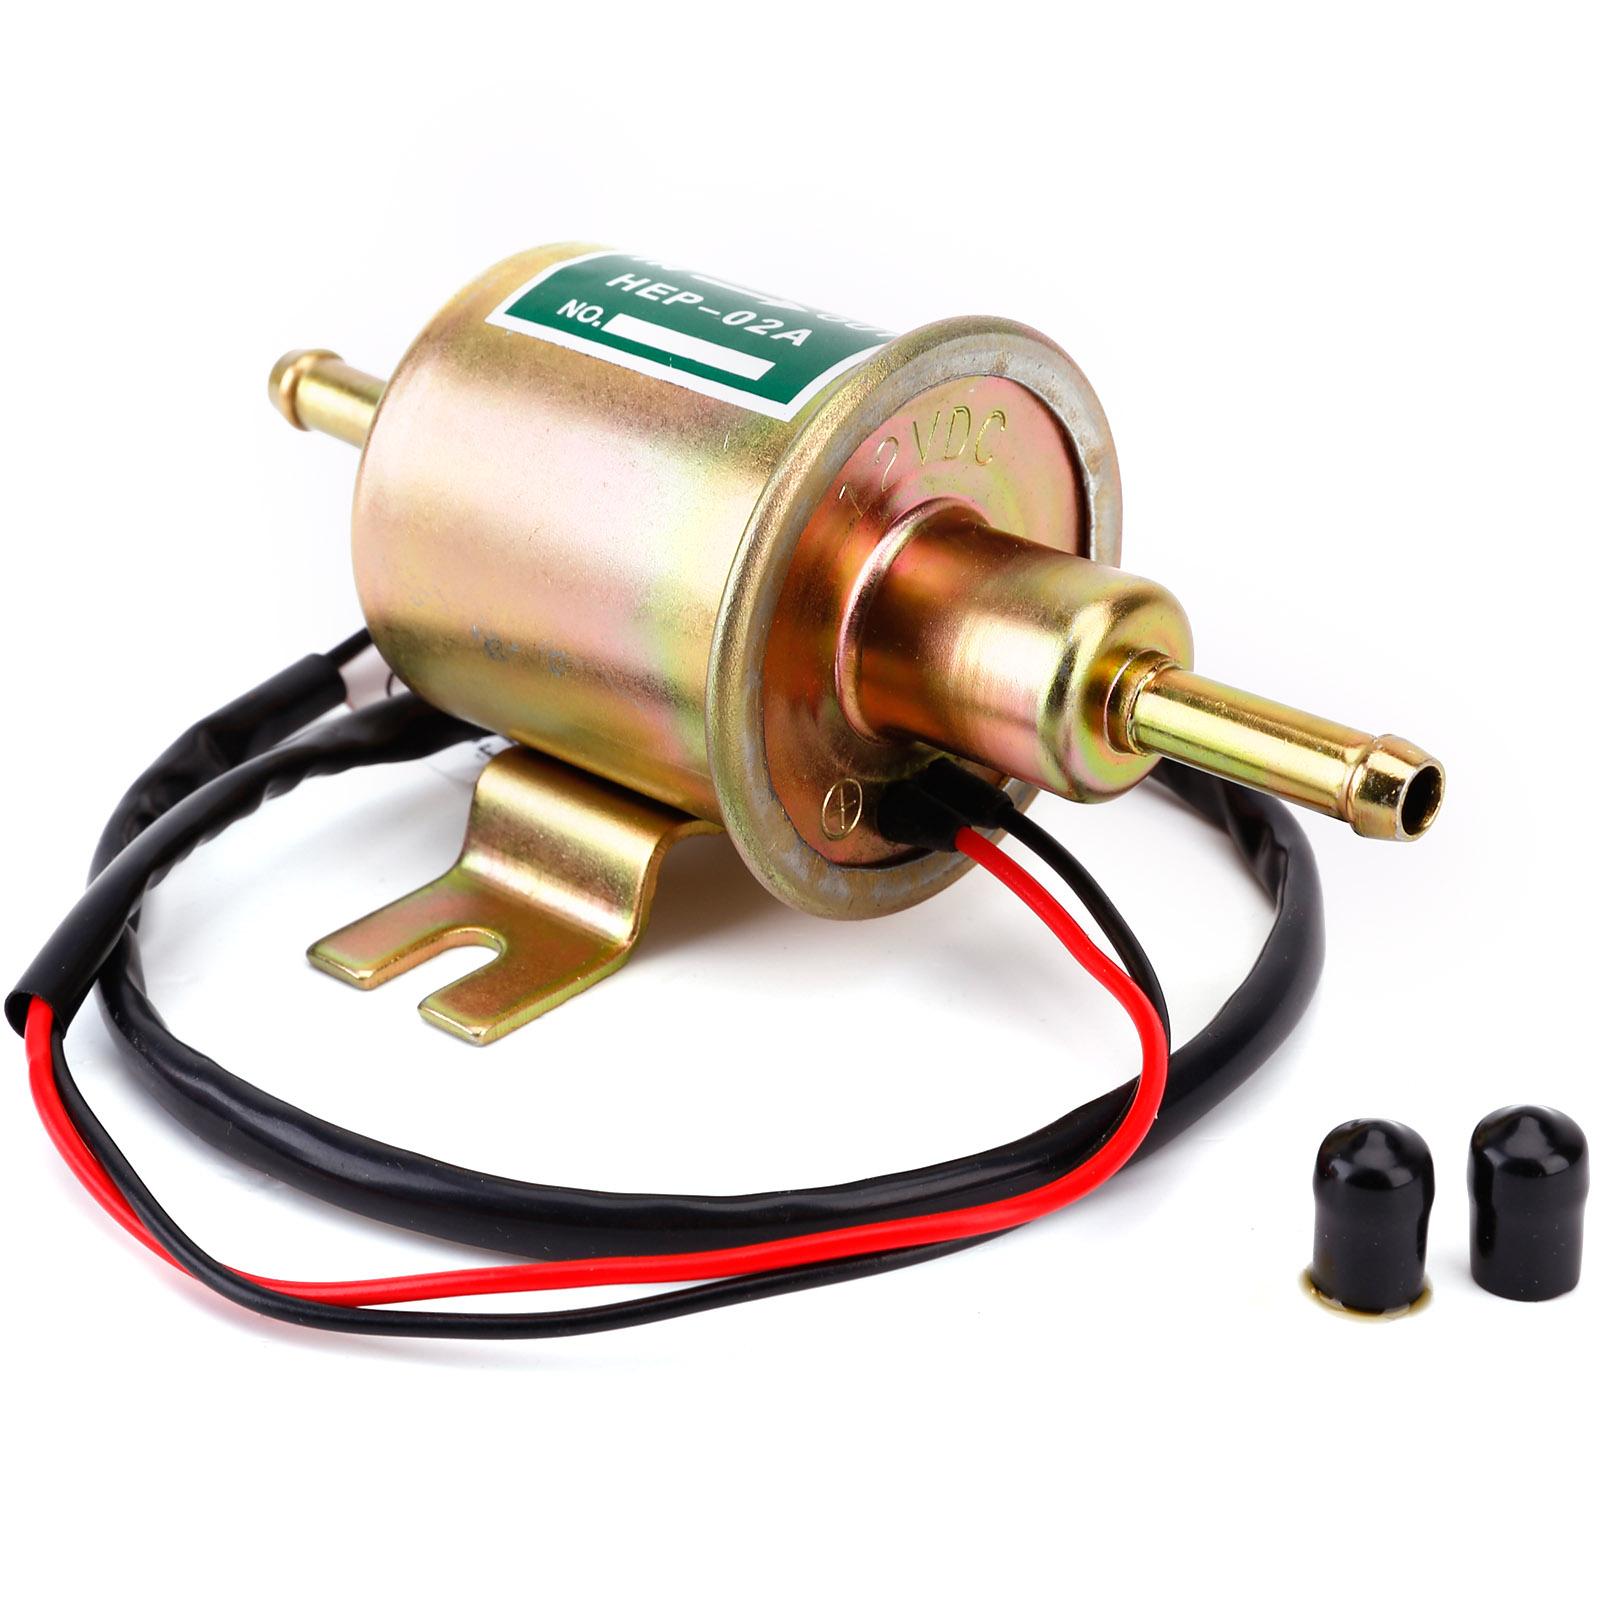 pompe electrique moteur diesel essence carburant gaz basse pression 12v hep 02a ebay. Black Bedroom Furniture Sets. Home Design Ideas